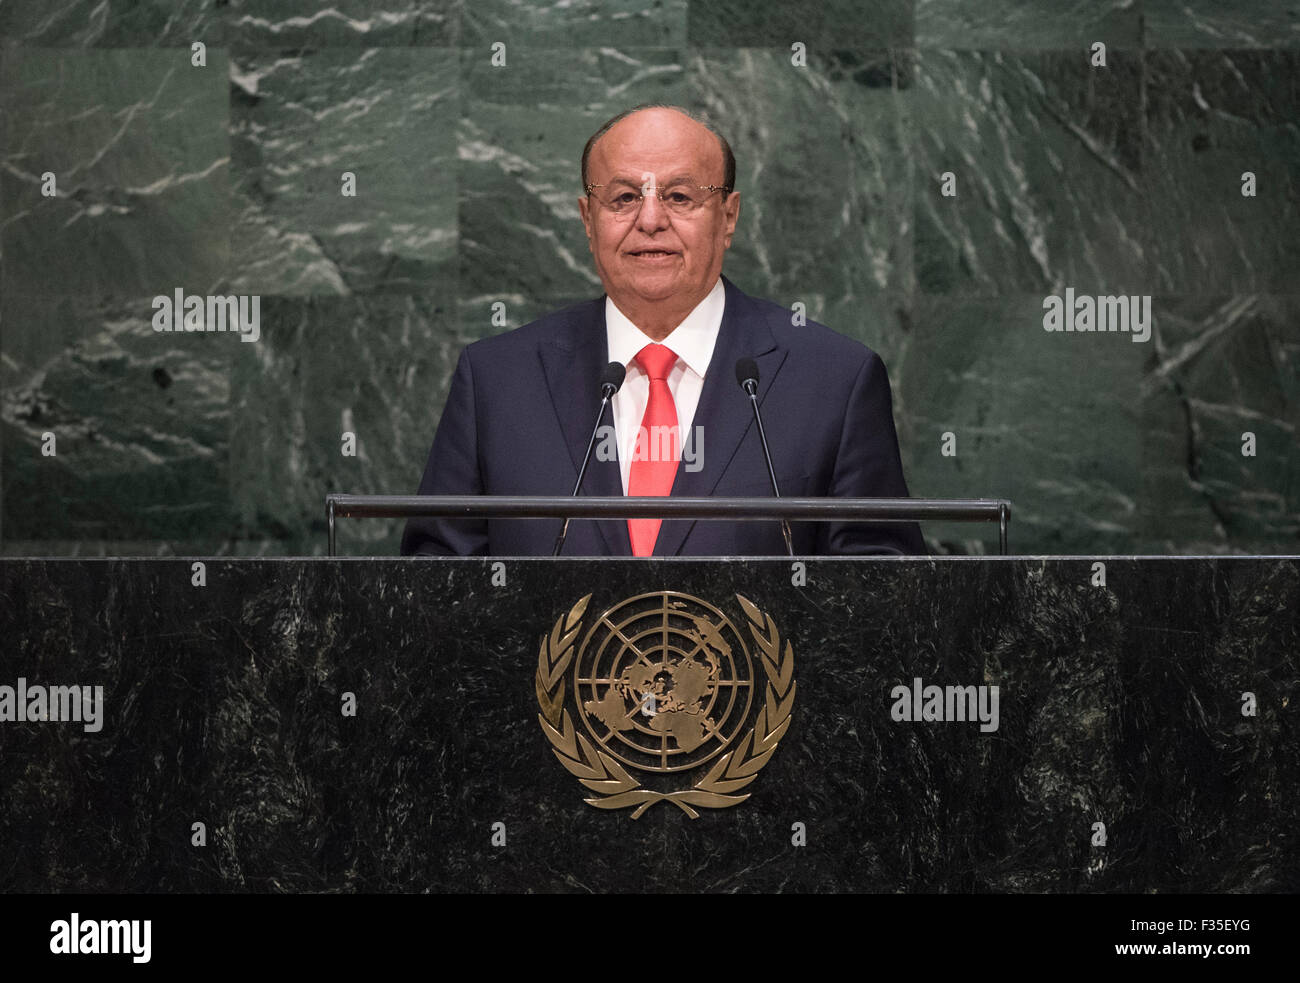 New York, NY, USA 29. Sep, 2015. Jemenitische Präsident Abd-Rabbu Mansour Hadi Adressen der 70. Tagung der Generalversammlung der Vereinten Nationen am Sitz Vereinten Nationen in New York am 29. September 2015. Bildnachweis: UN Photo/Cia Pak/Xinhua/Alamy Live-Nachrichten Stockfoto